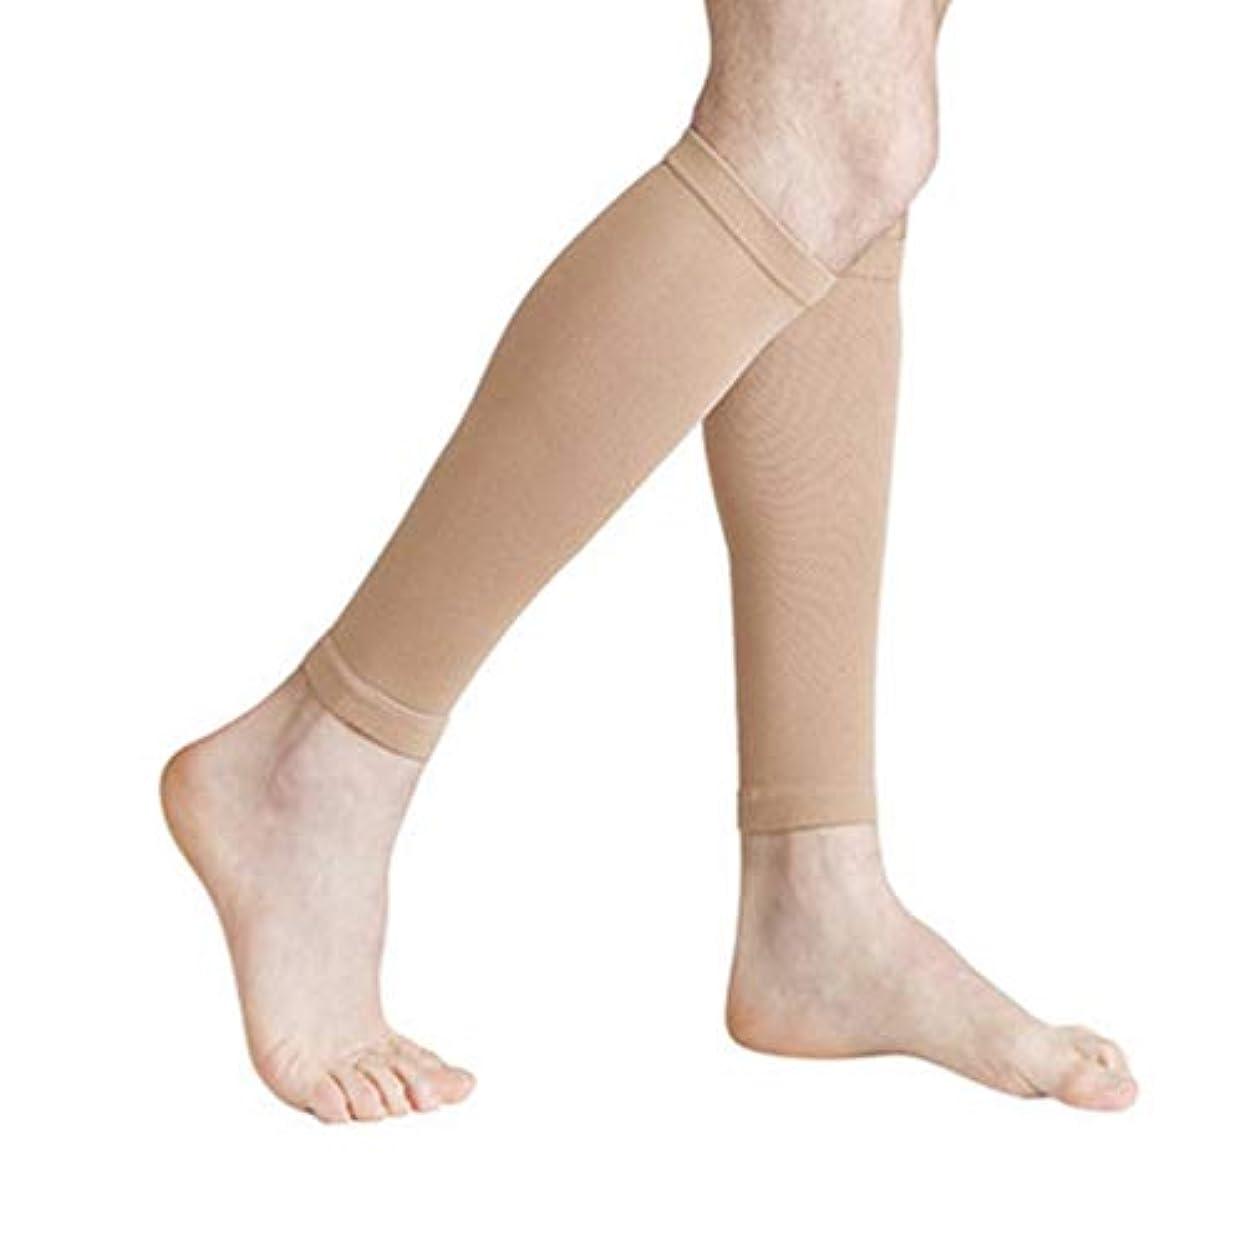 法廷件名合図丈夫な男性女性プロの圧縮靴下通気性のある旅行活動看護師用シントスプリントフライトトラベル - 肌色